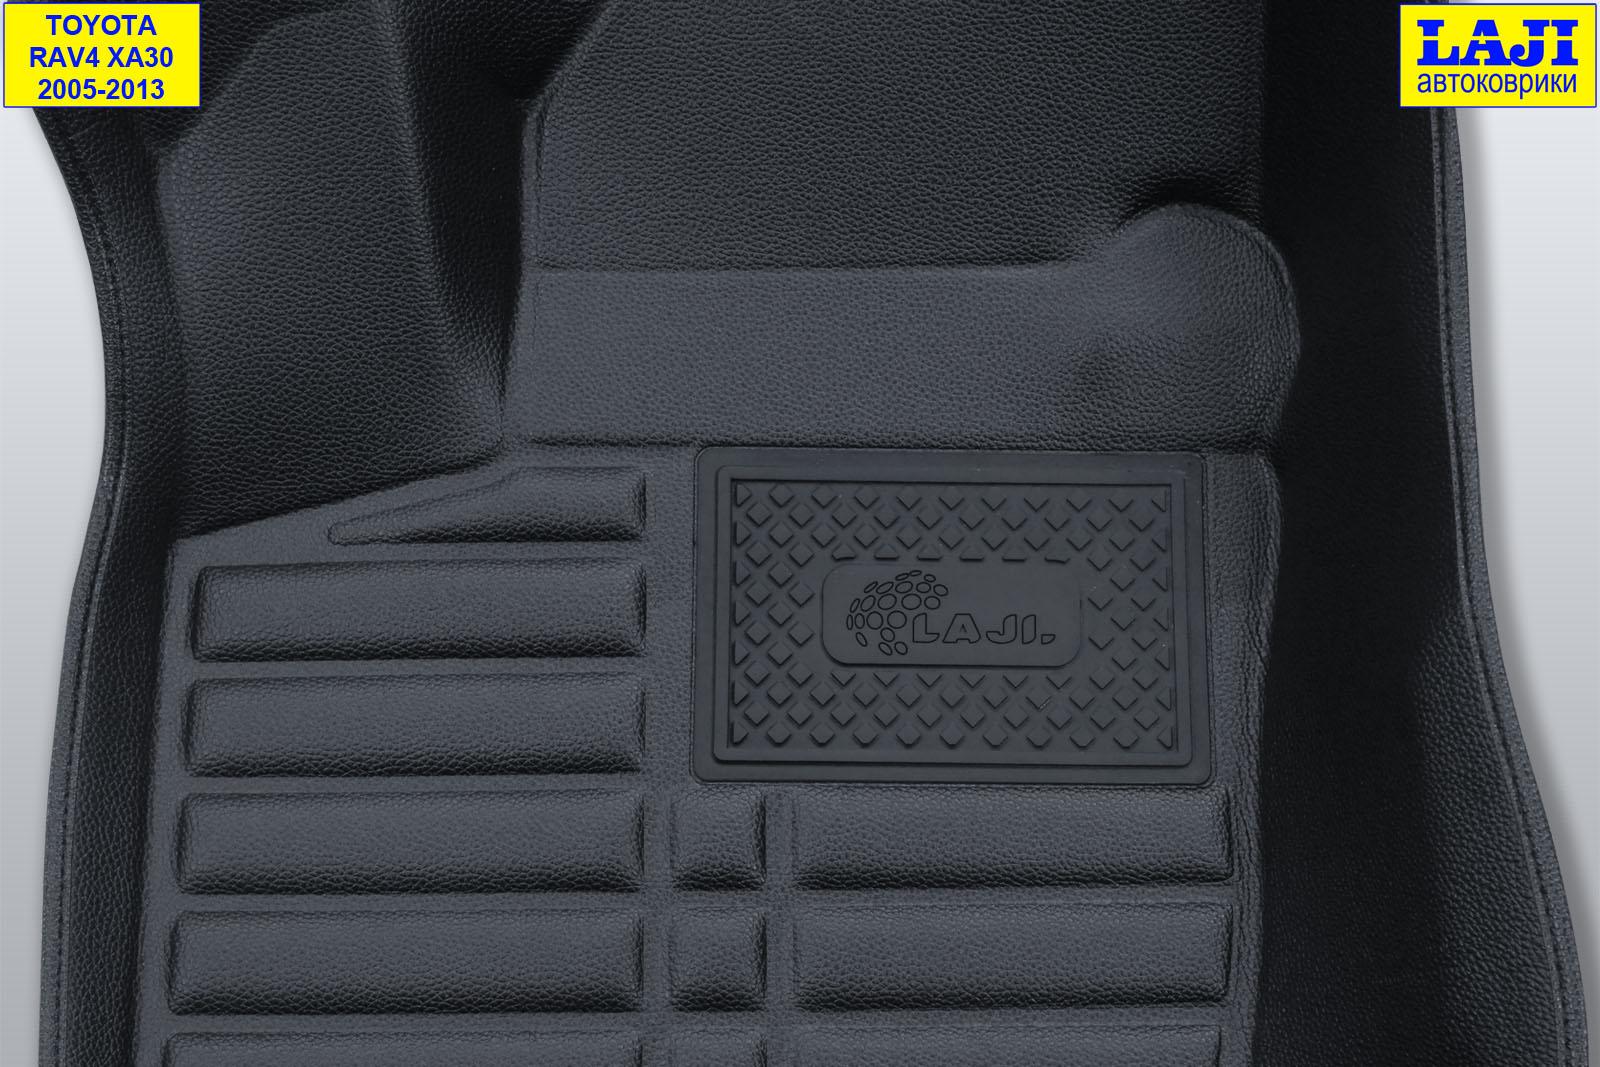 5D коврики в салон Toyota RAV4 XA30 2005-2013 7